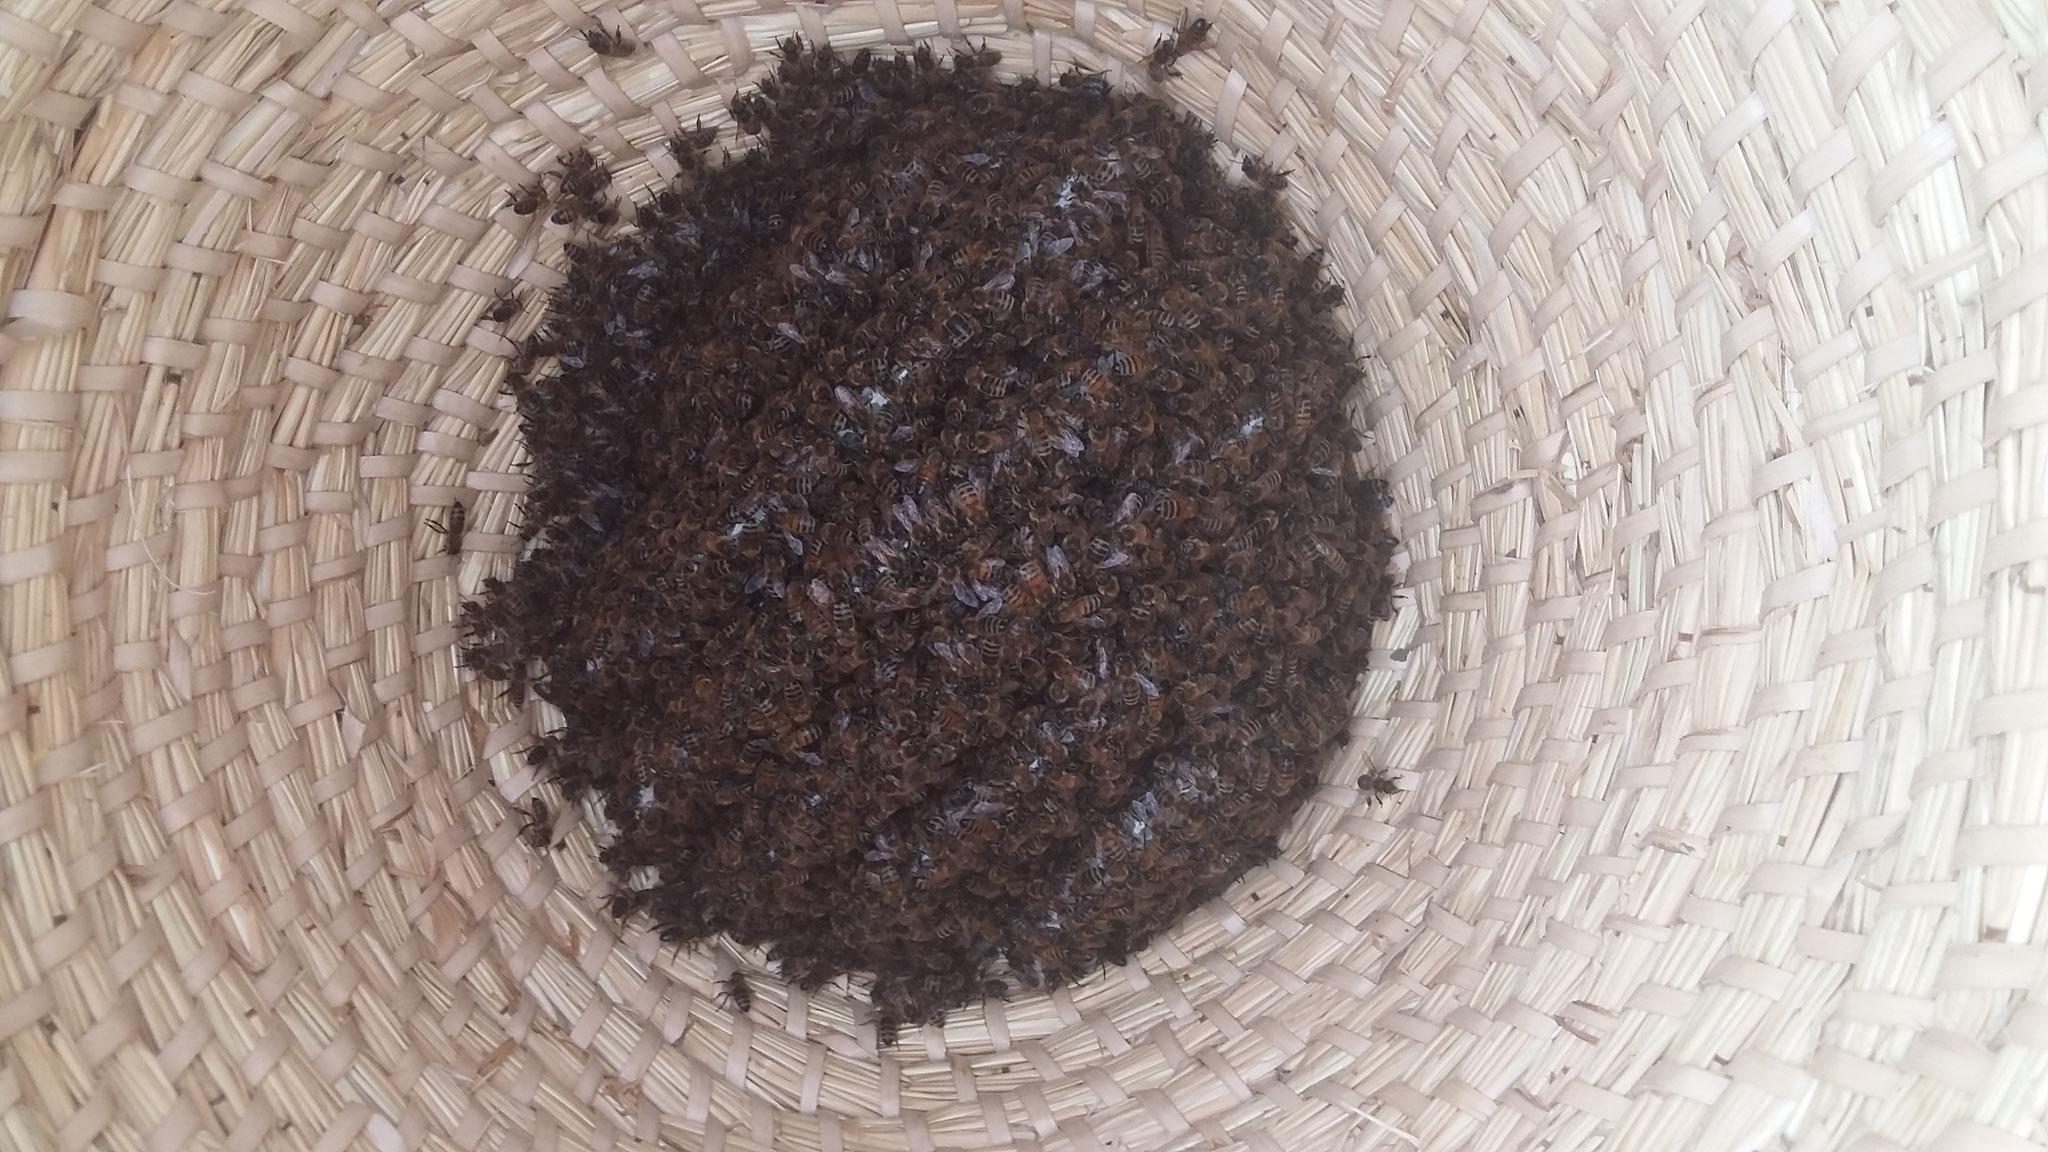 Einen kleinen Bienenschwarm haben wir in einem Bienenkorb untergebracht - er entwickelte sich prächtig